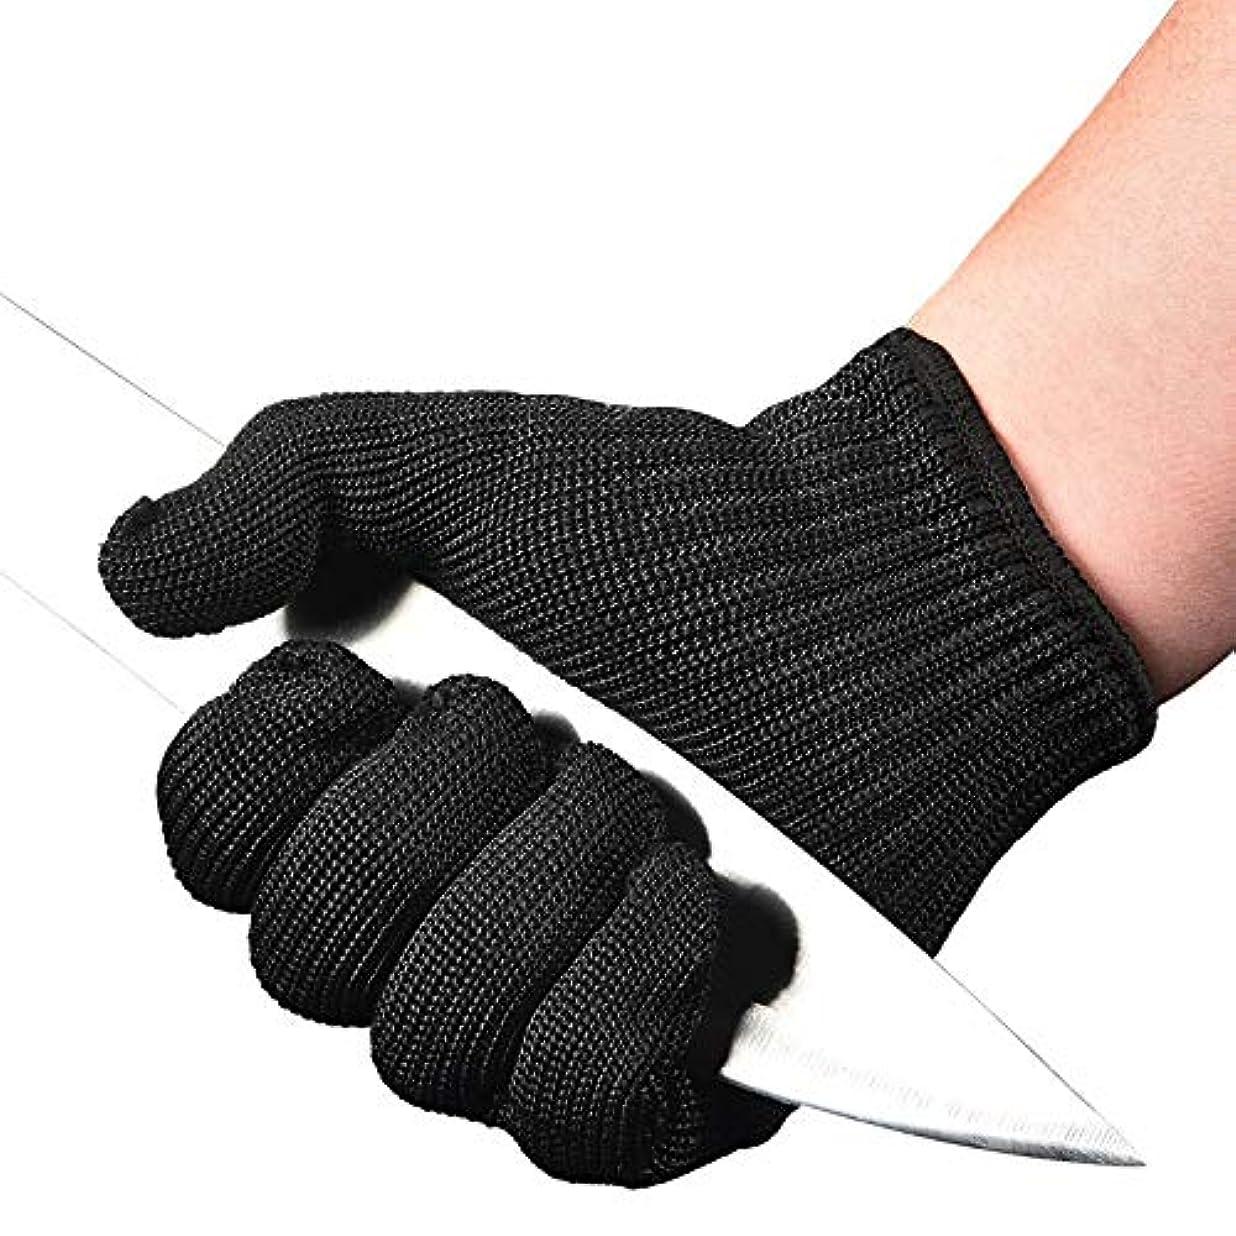 1ペアカット耐性の手袋食品グレードレベル5の保護、安全キッチンはオイスターShucking、魚フィレ加工用手袋をカット